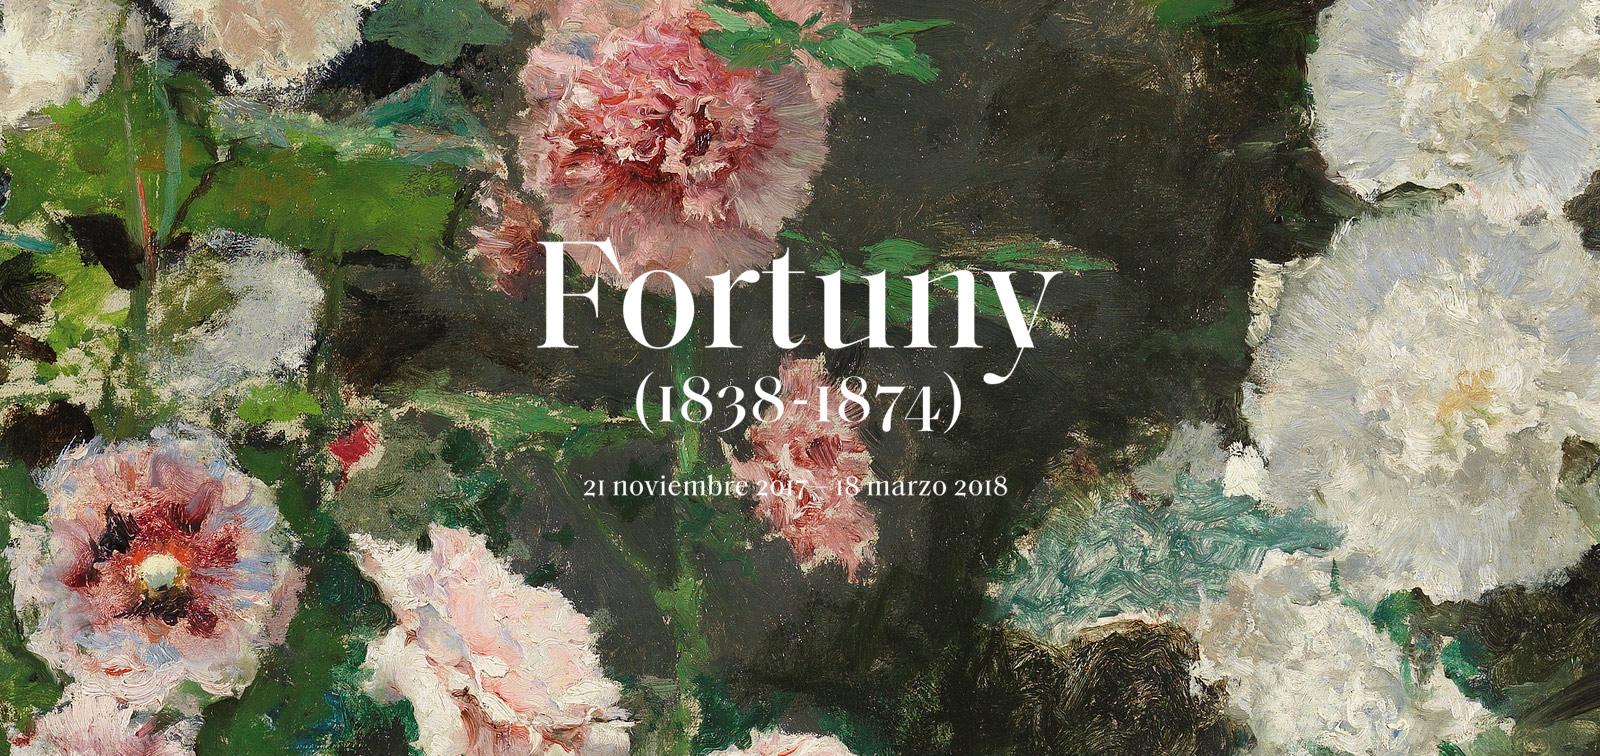 Exposición. Fortuny (1838-1874)